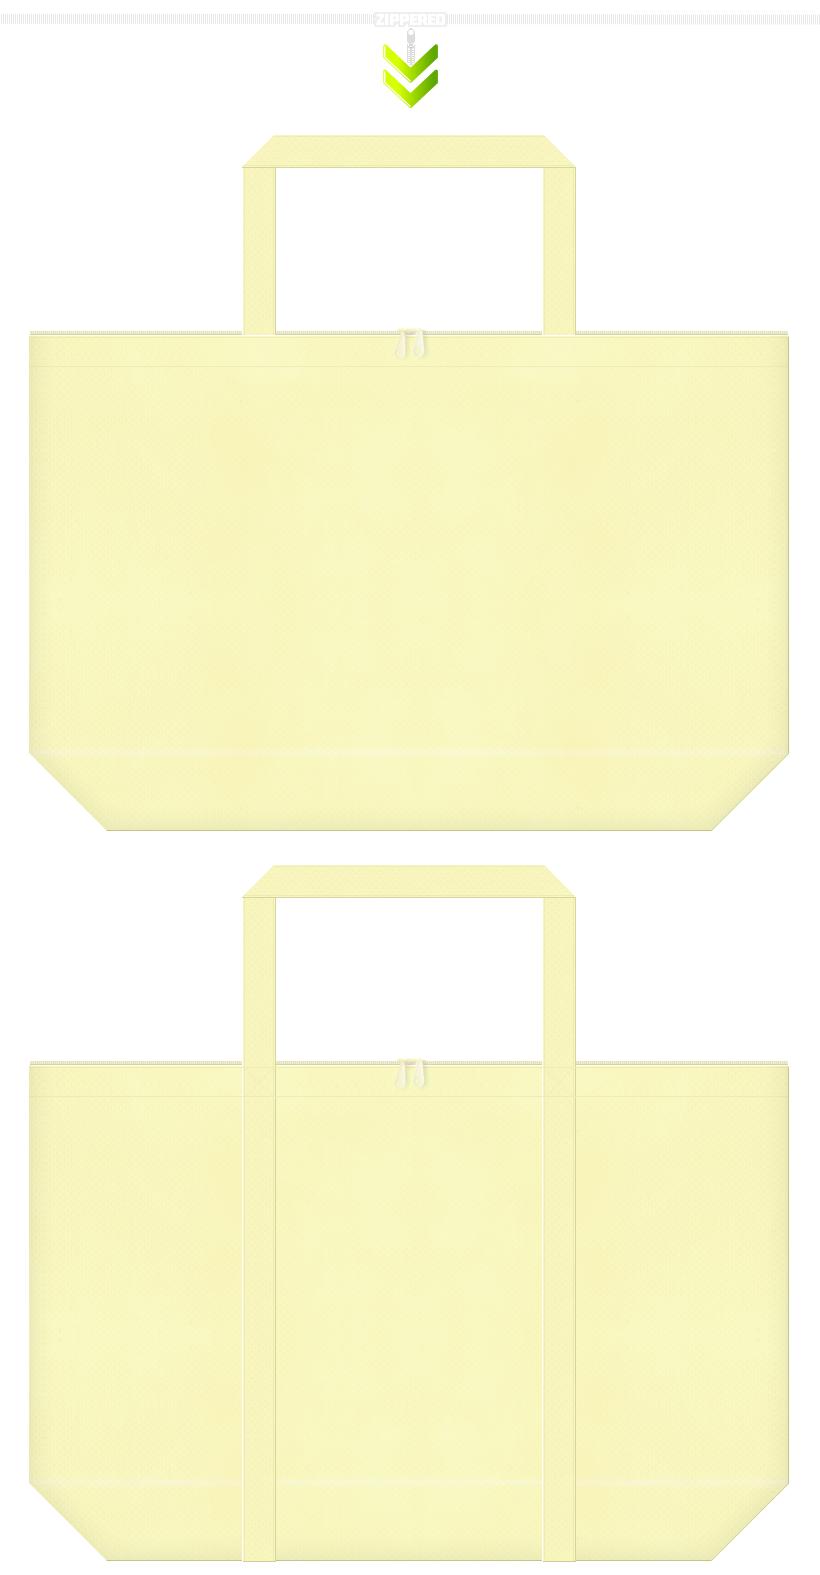 マイバッグのマストカラー、薄黄色の不織布バッグ(ファスナー付き)